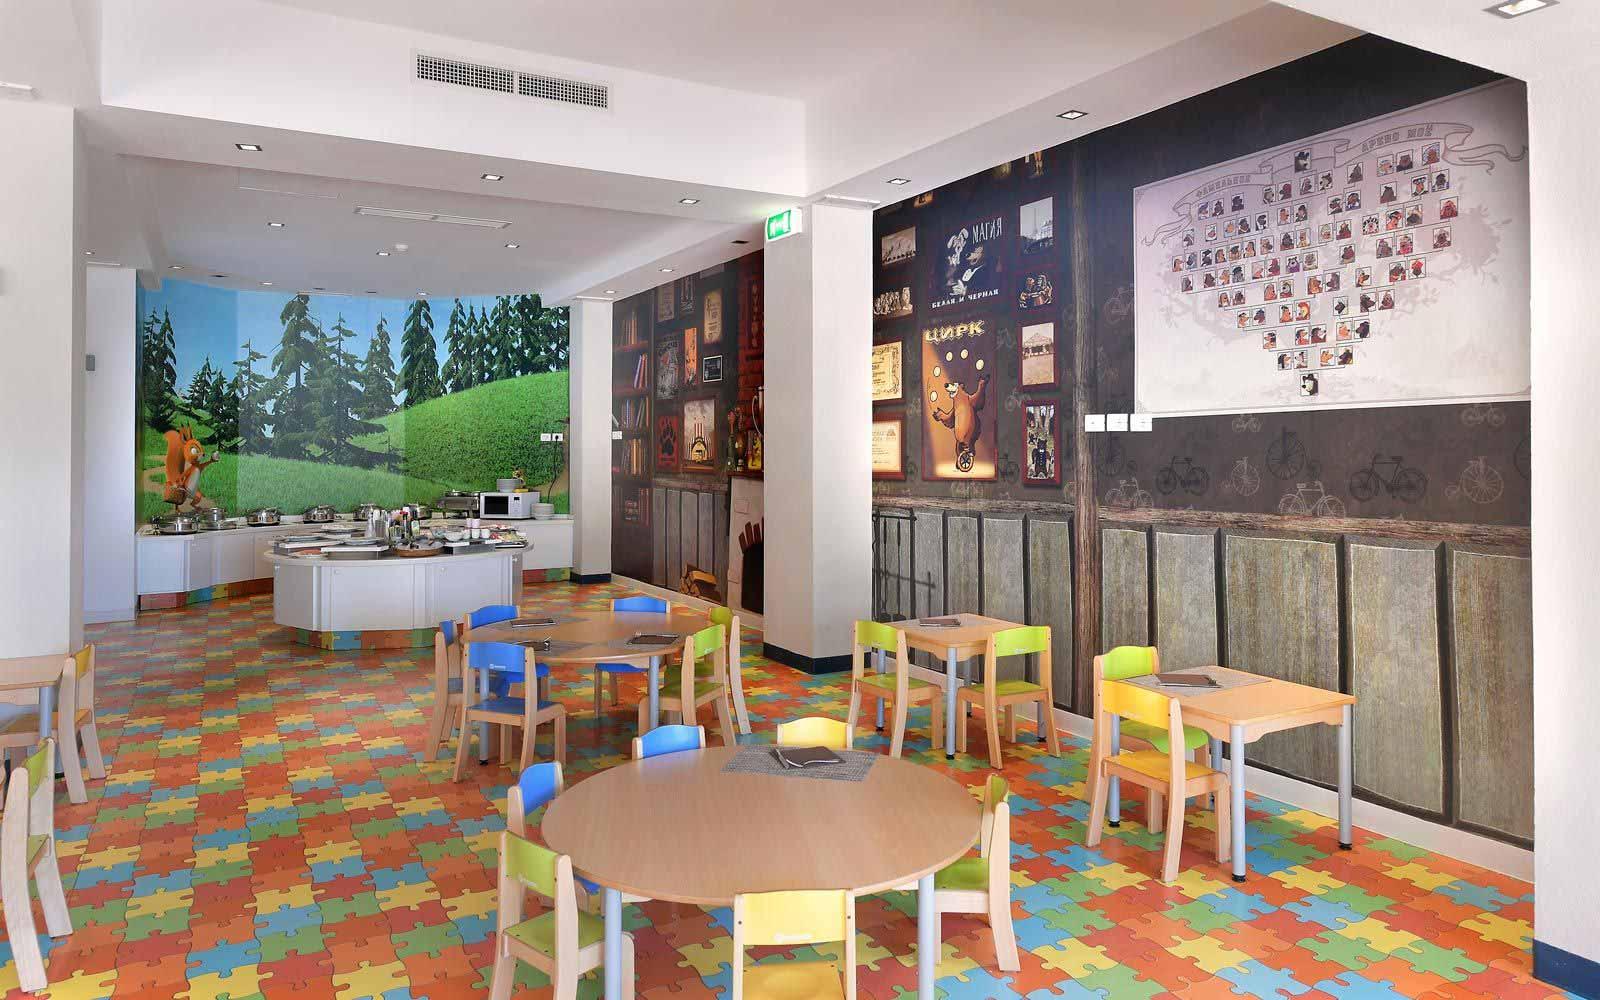 Bimbi restaurant at the Chia Laguna Resort